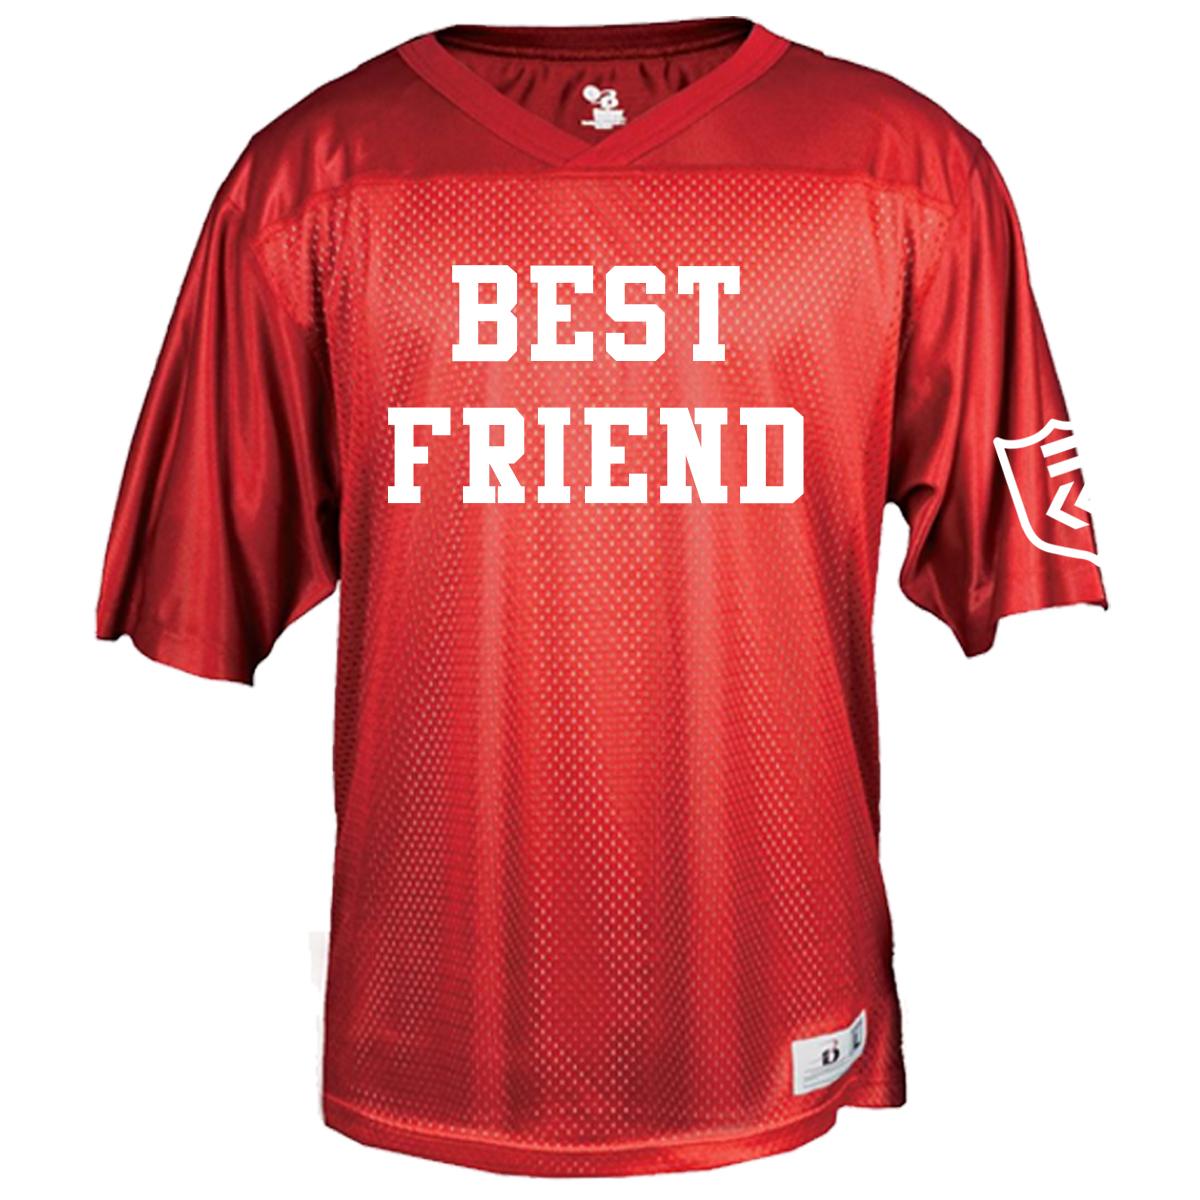 Best Friend Jersey